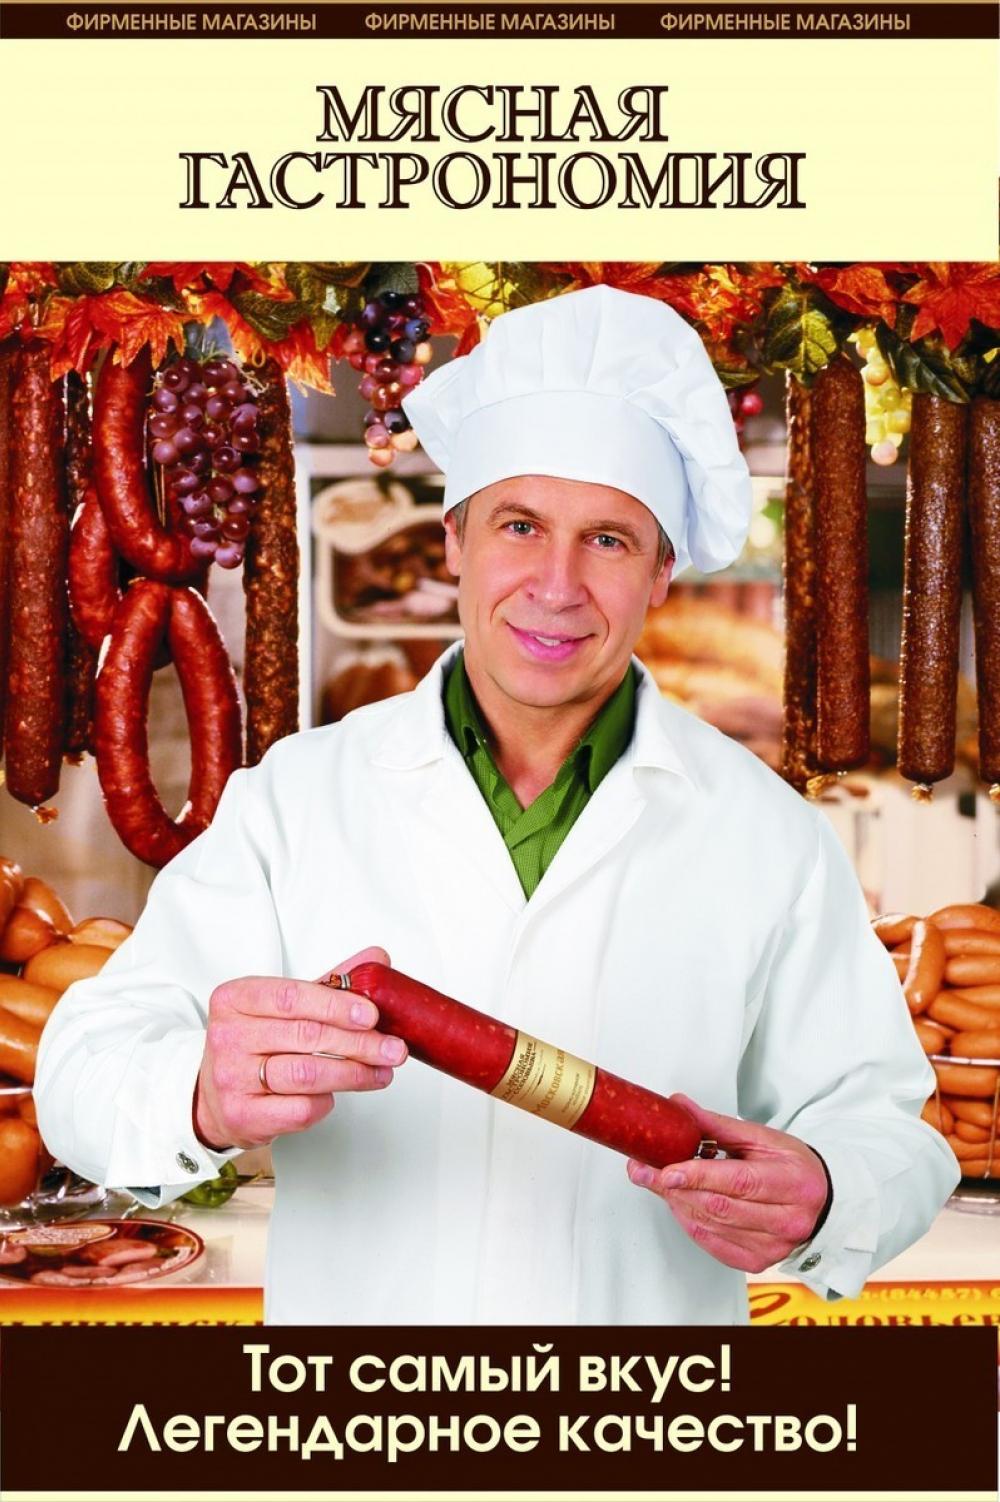 Владимир Соловьев: «Начать работу в фирменных павильонах и предлагать нашу колбасу камышанам мы планируем в марте следующего года»